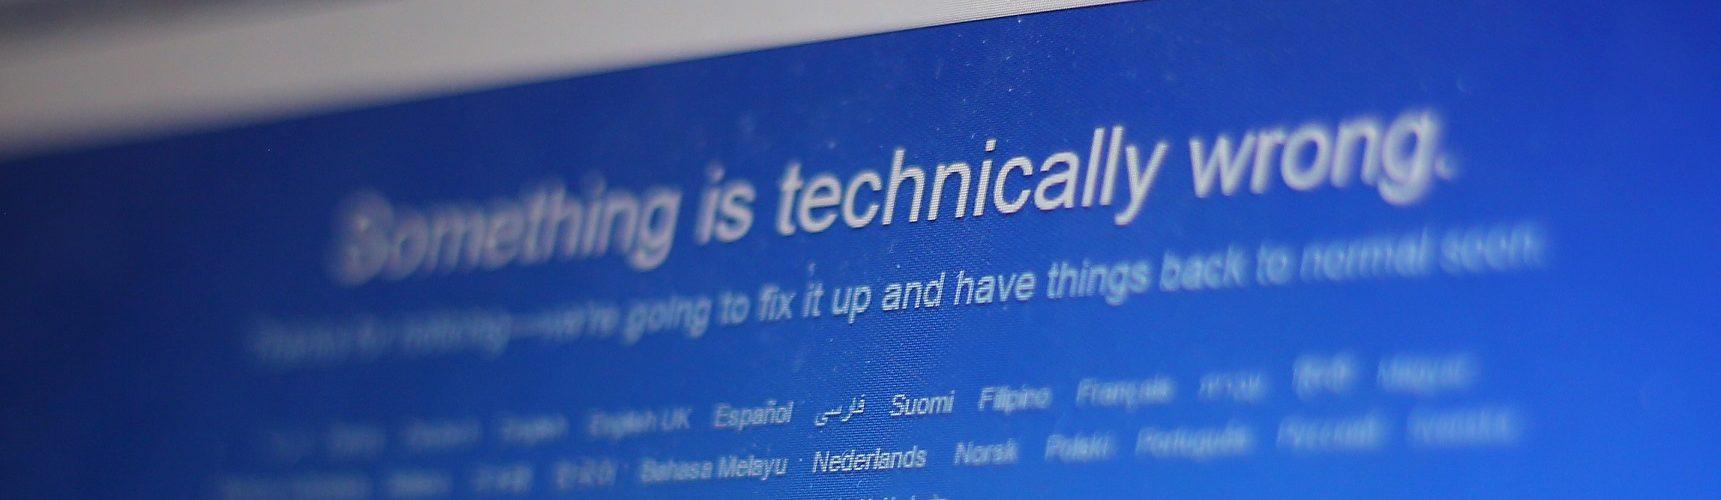 preparacion ante los nuevos riesgos de ciberseguridad